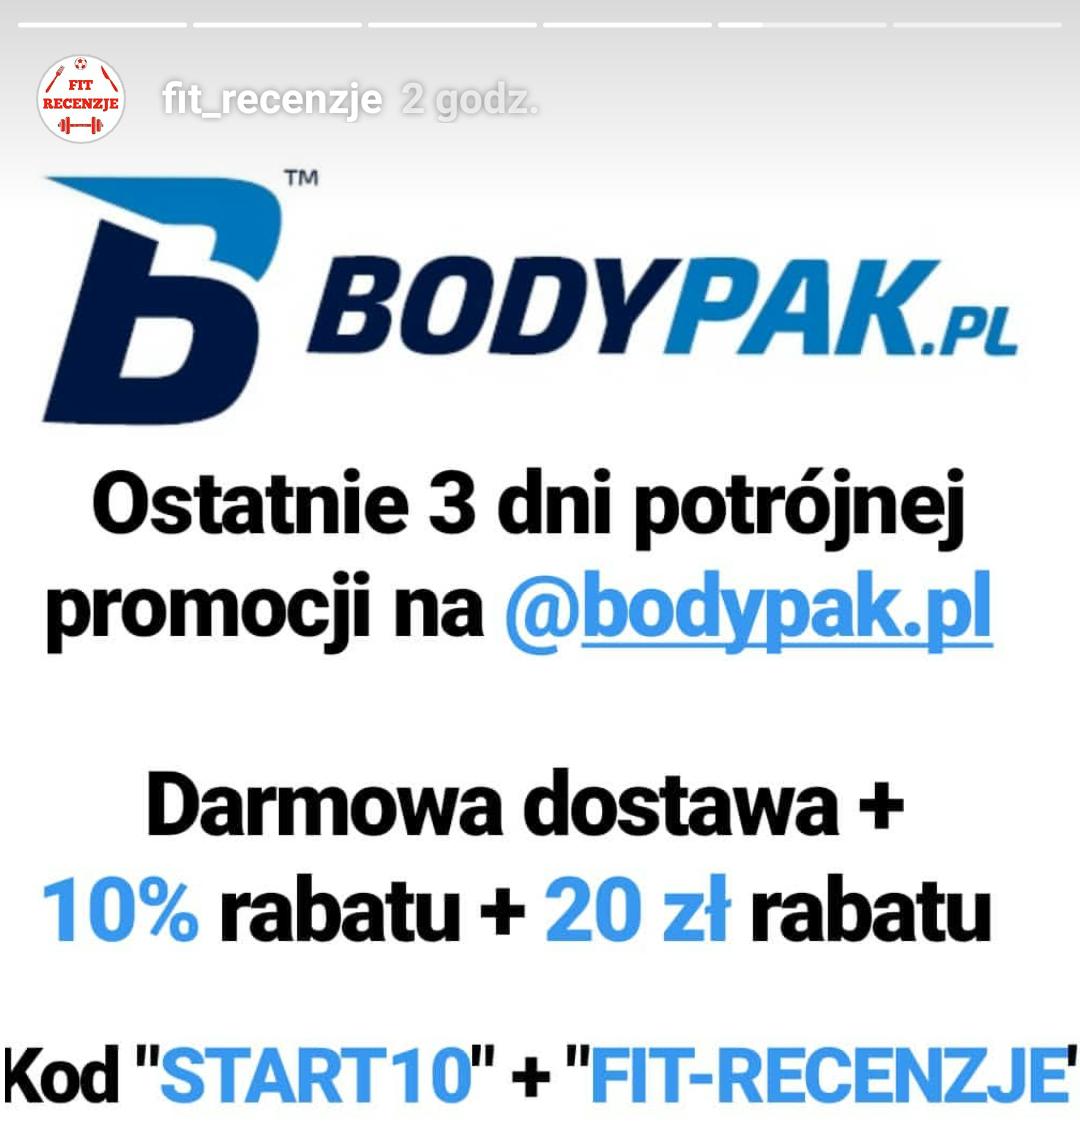 BODYPAK.PL -  ODŻYWKI - 10% RABATU + 20ZŁ RABATU (MWZ 100zł)